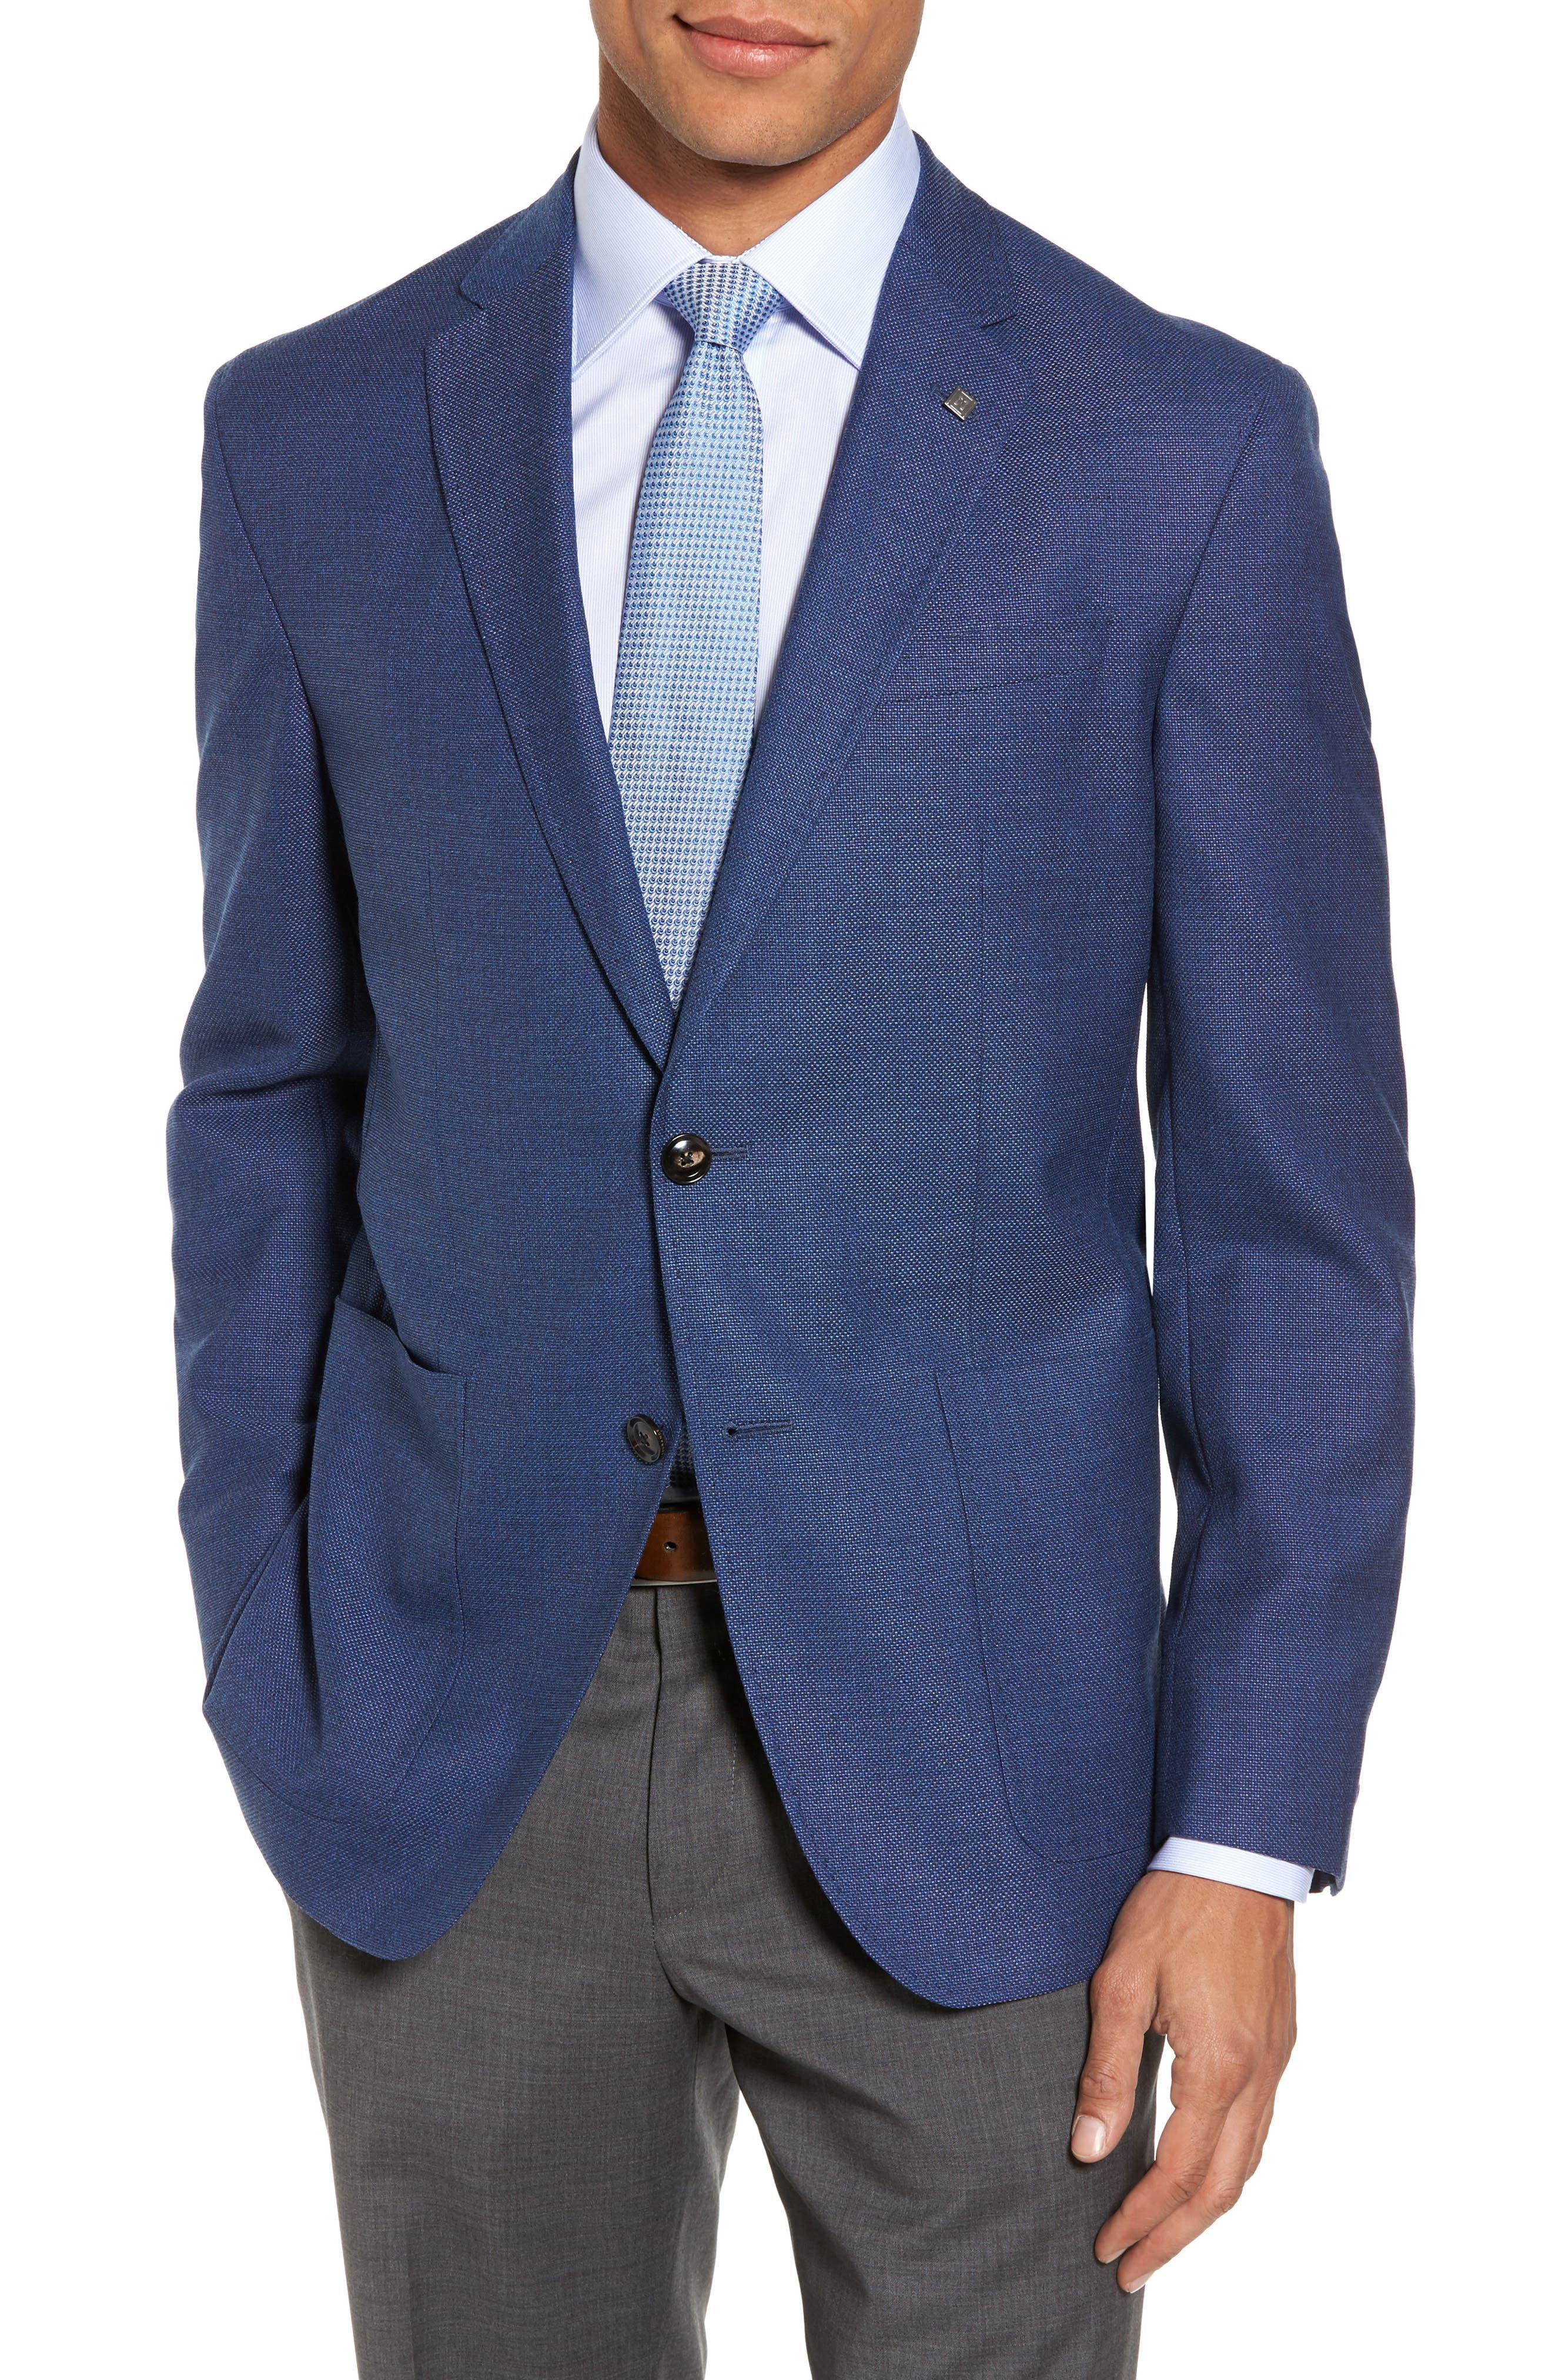 Kyle Trim Fit Wool Blazer,                         Main,                         color, Mid Blue